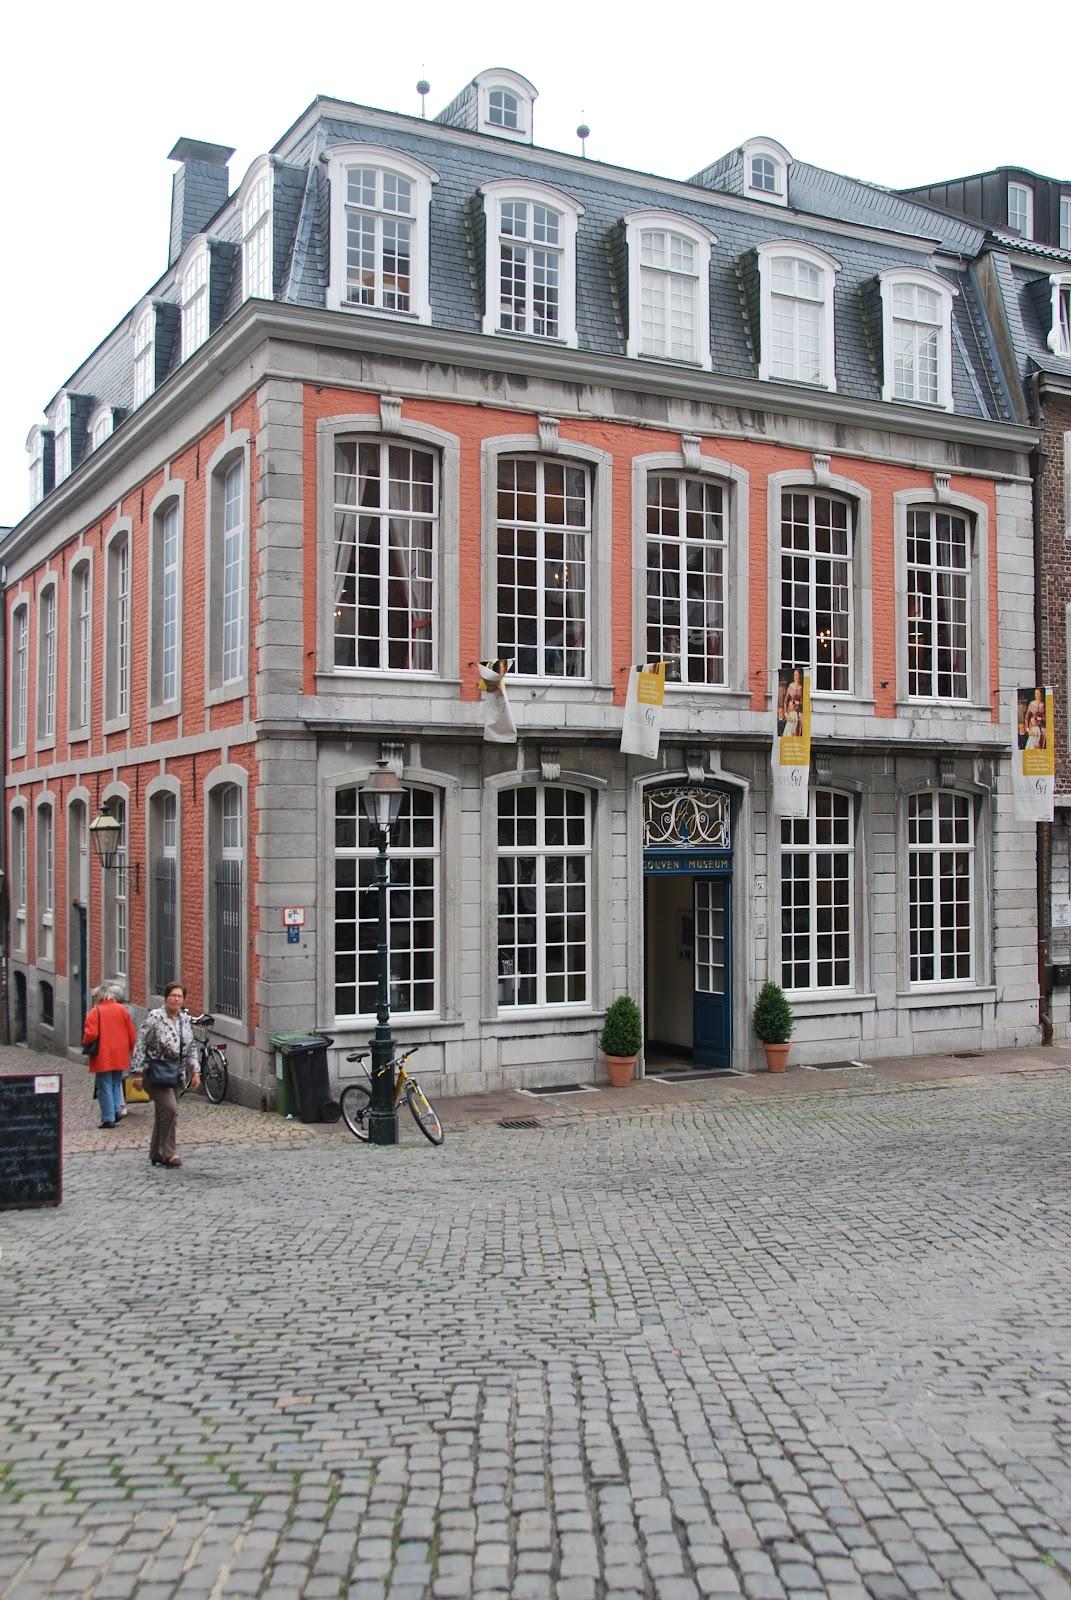 Die Geschichte Des Heutigen Hauses Beginnt Im 17. Jahrhundert. Mit  Unterstützung Des Aachener Rats Erbaute Der Apotheker Adam Coebergh 1662  Die ...